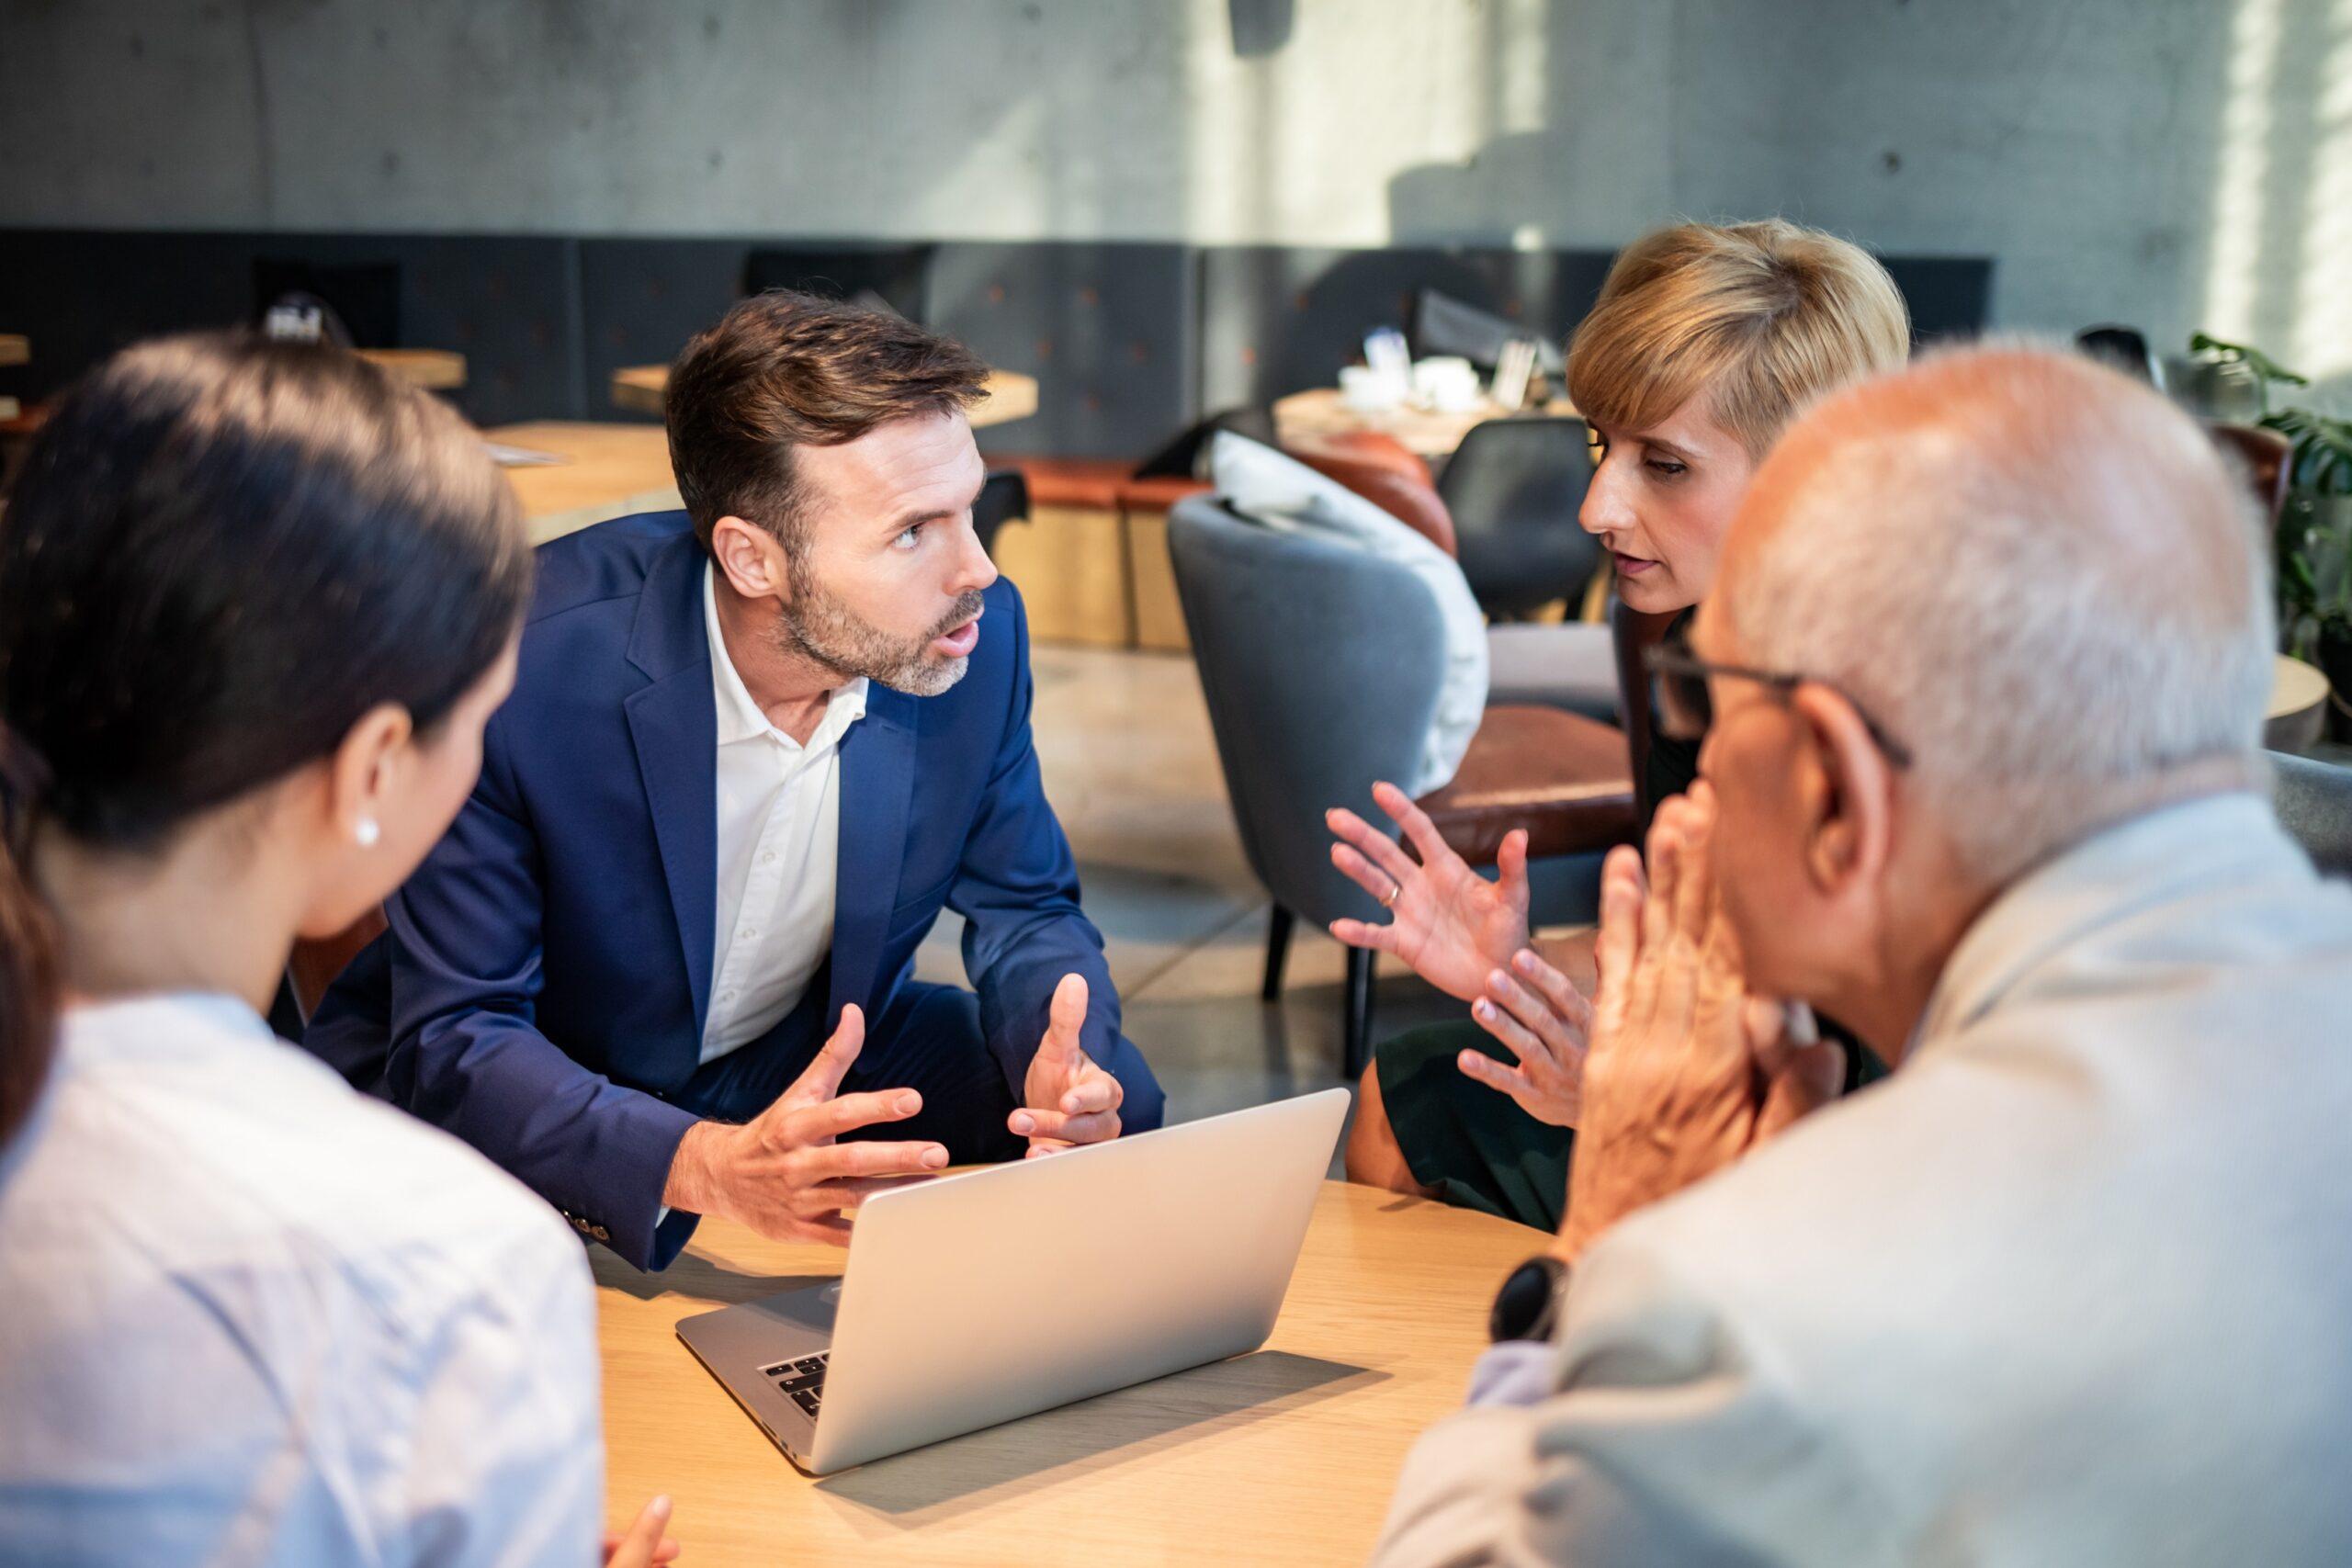 TEMA-Q GmbH_zum TQ-Magazin_Artikel Marktforschung in der Krise_Angeregte Diskussion von Geschäftsleuten